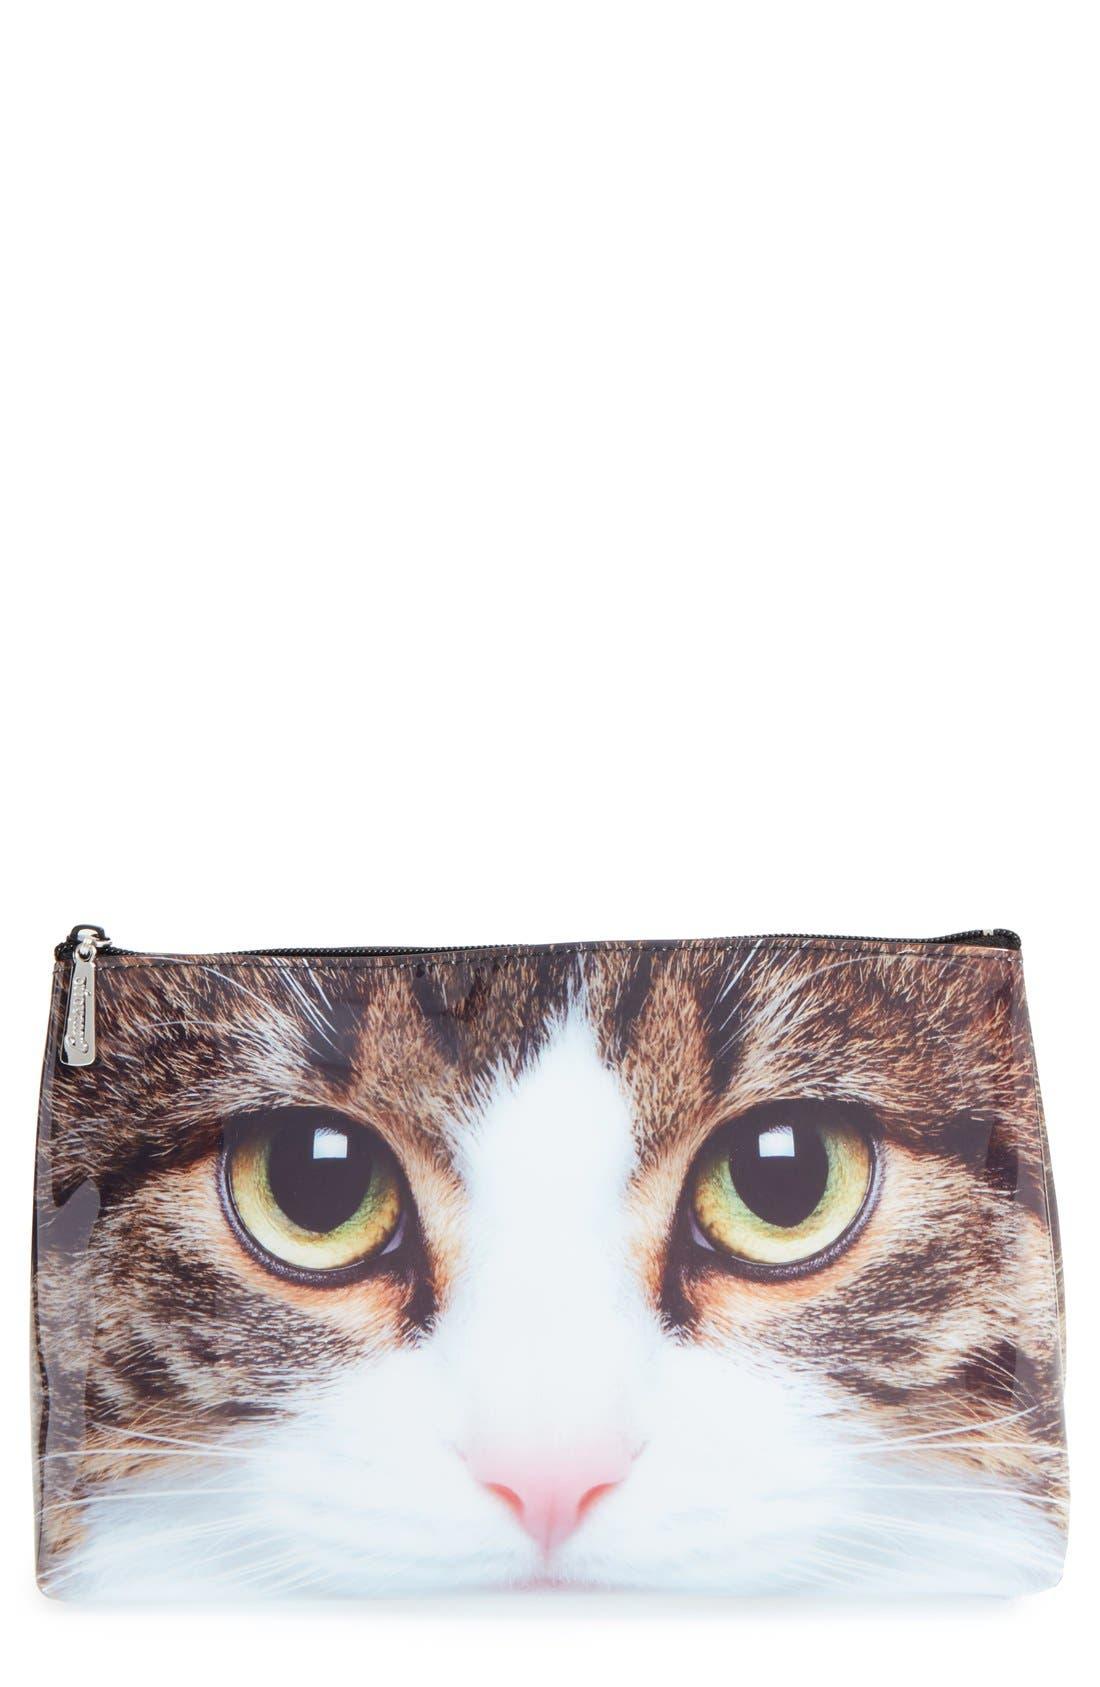 'Tabby Cat' Cosmetics Bag,                             Main thumbnail 1, color,                             200